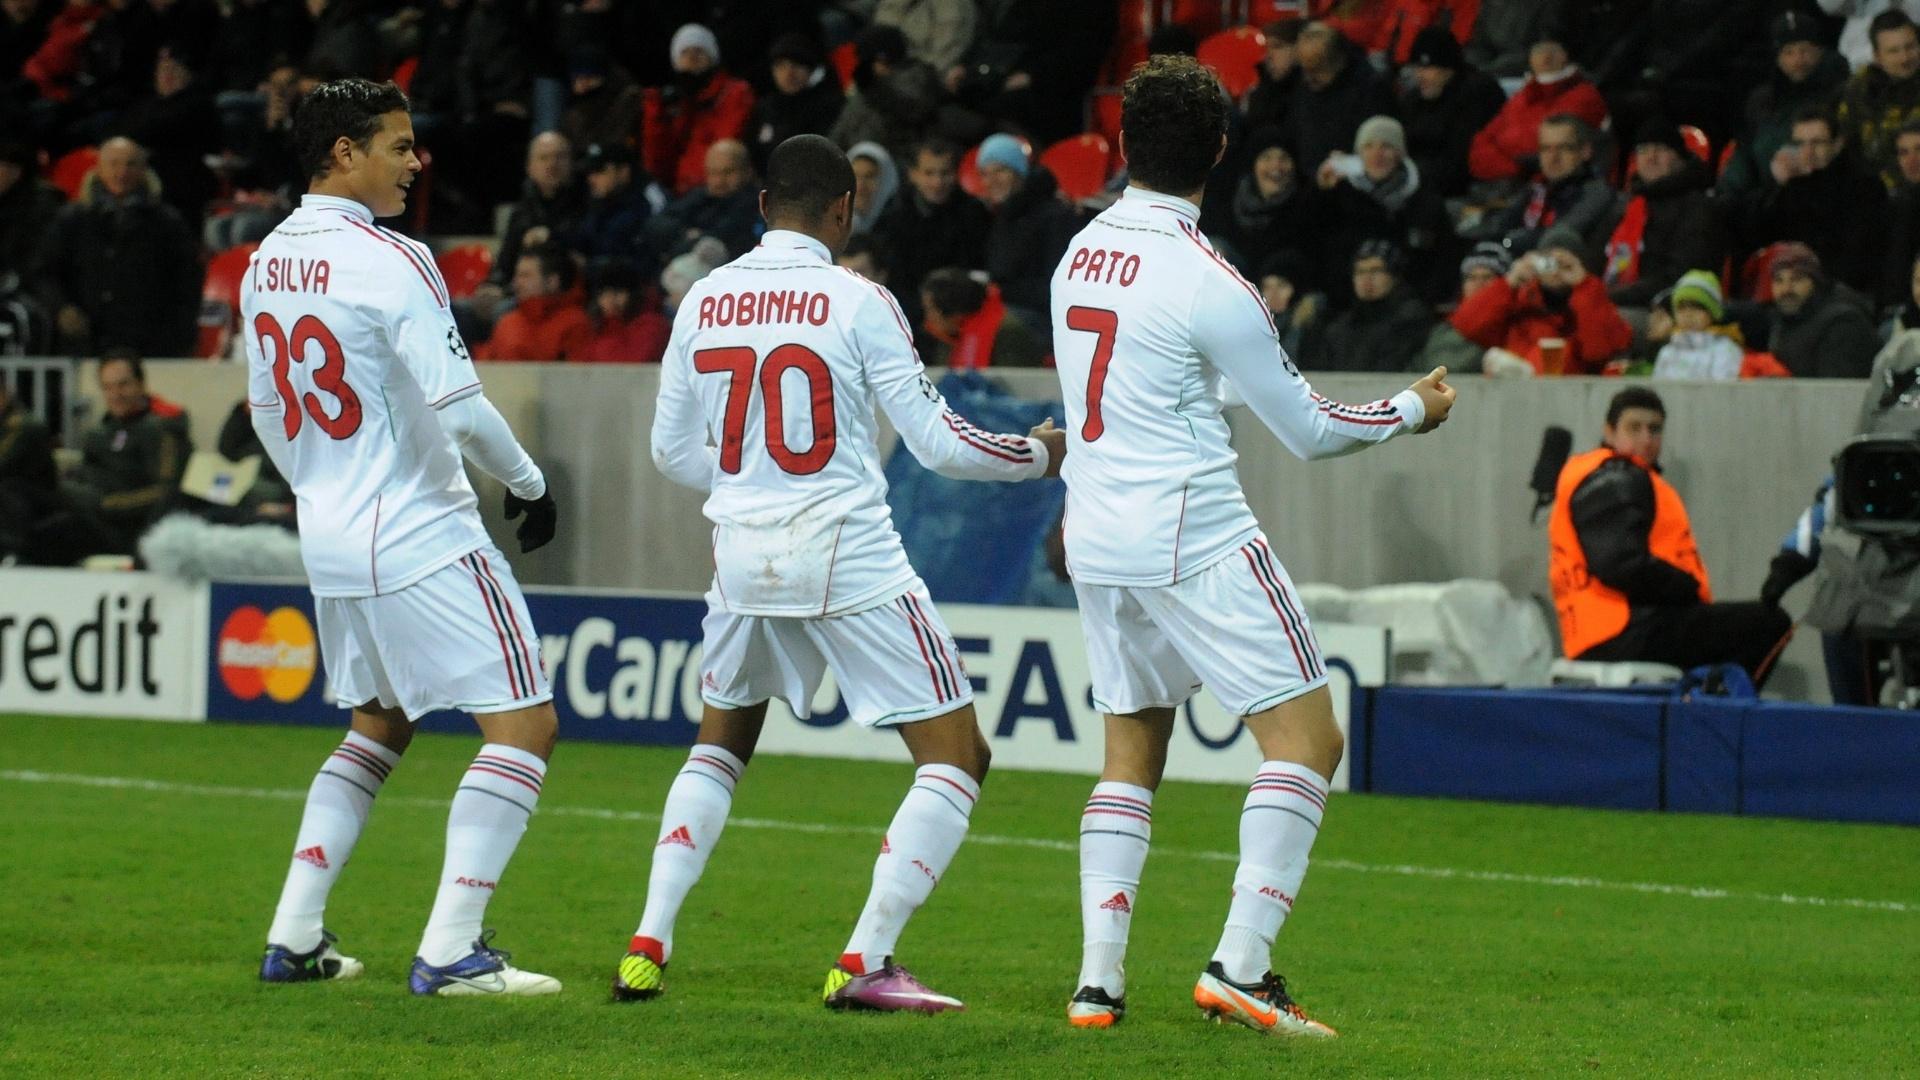 Brasileiros Thiago Silva, Robinho e Pato dançam para comemorar o gol do Milan em partida da Liga dos Campeões